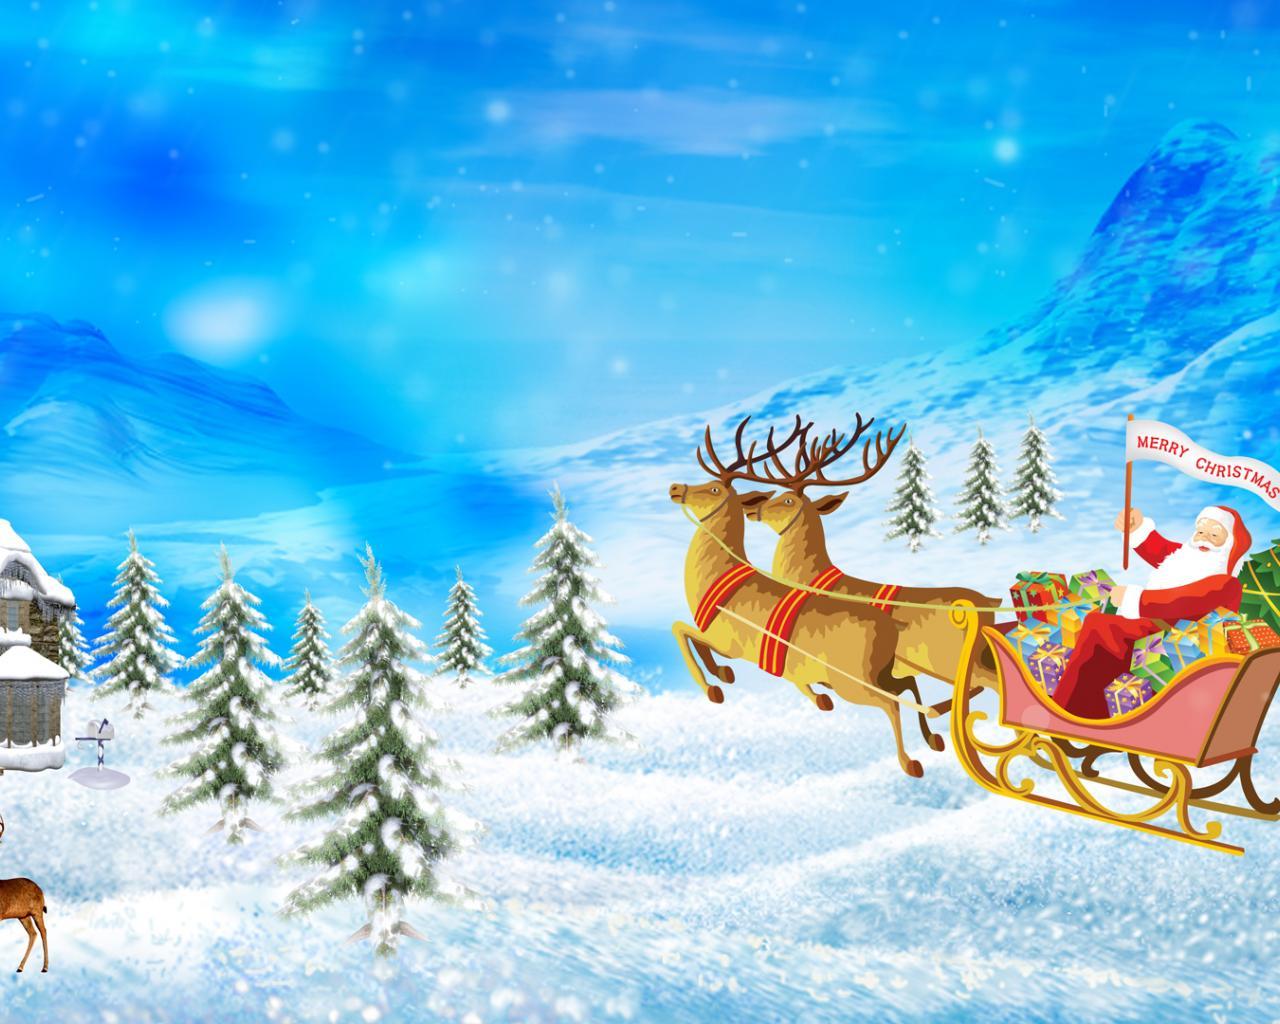 christmas new year holiday celebration 1280x1024